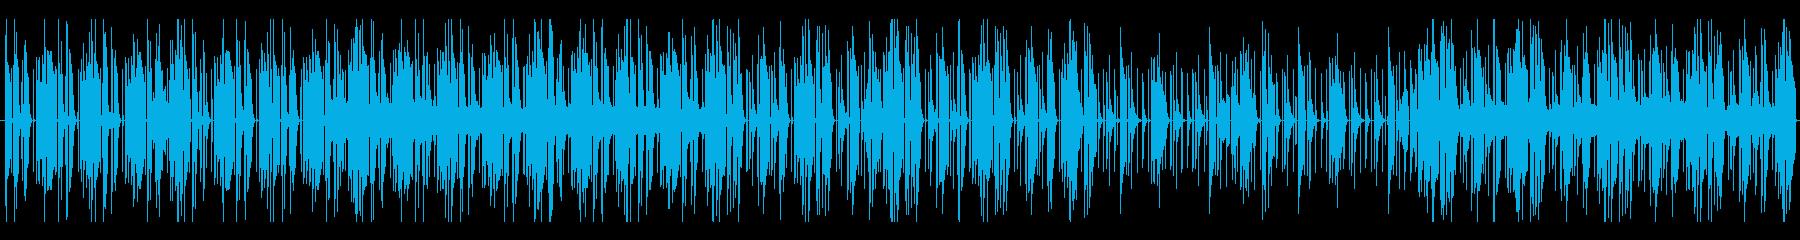 詮索のBGMの再生済みの波形